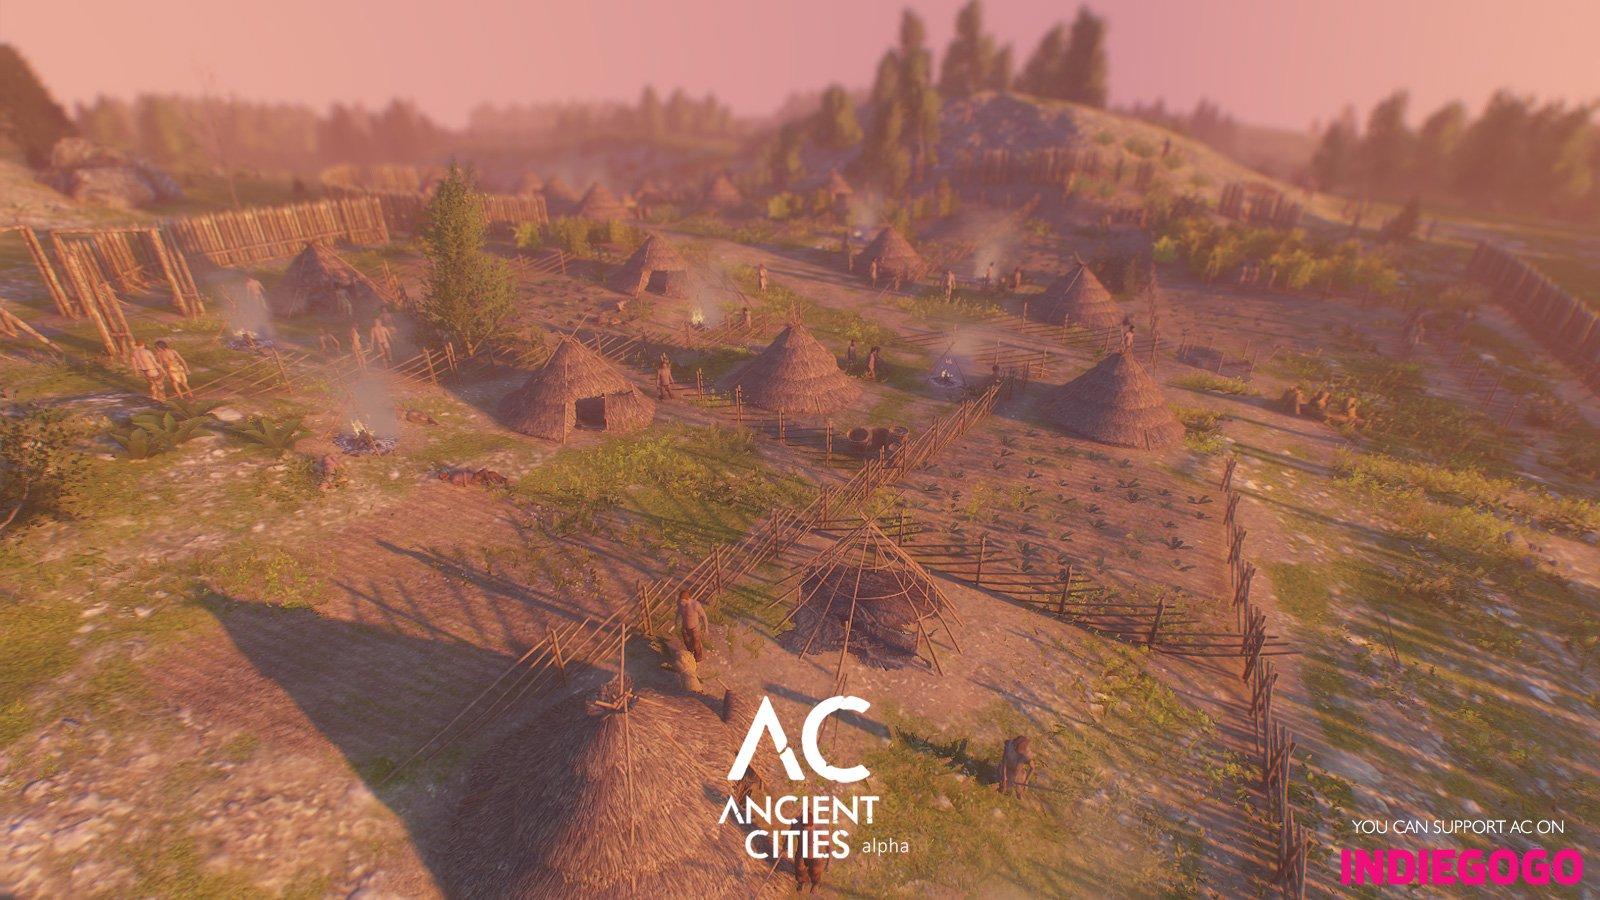 Ancient Cities DF-WVRhXkAAvi1H